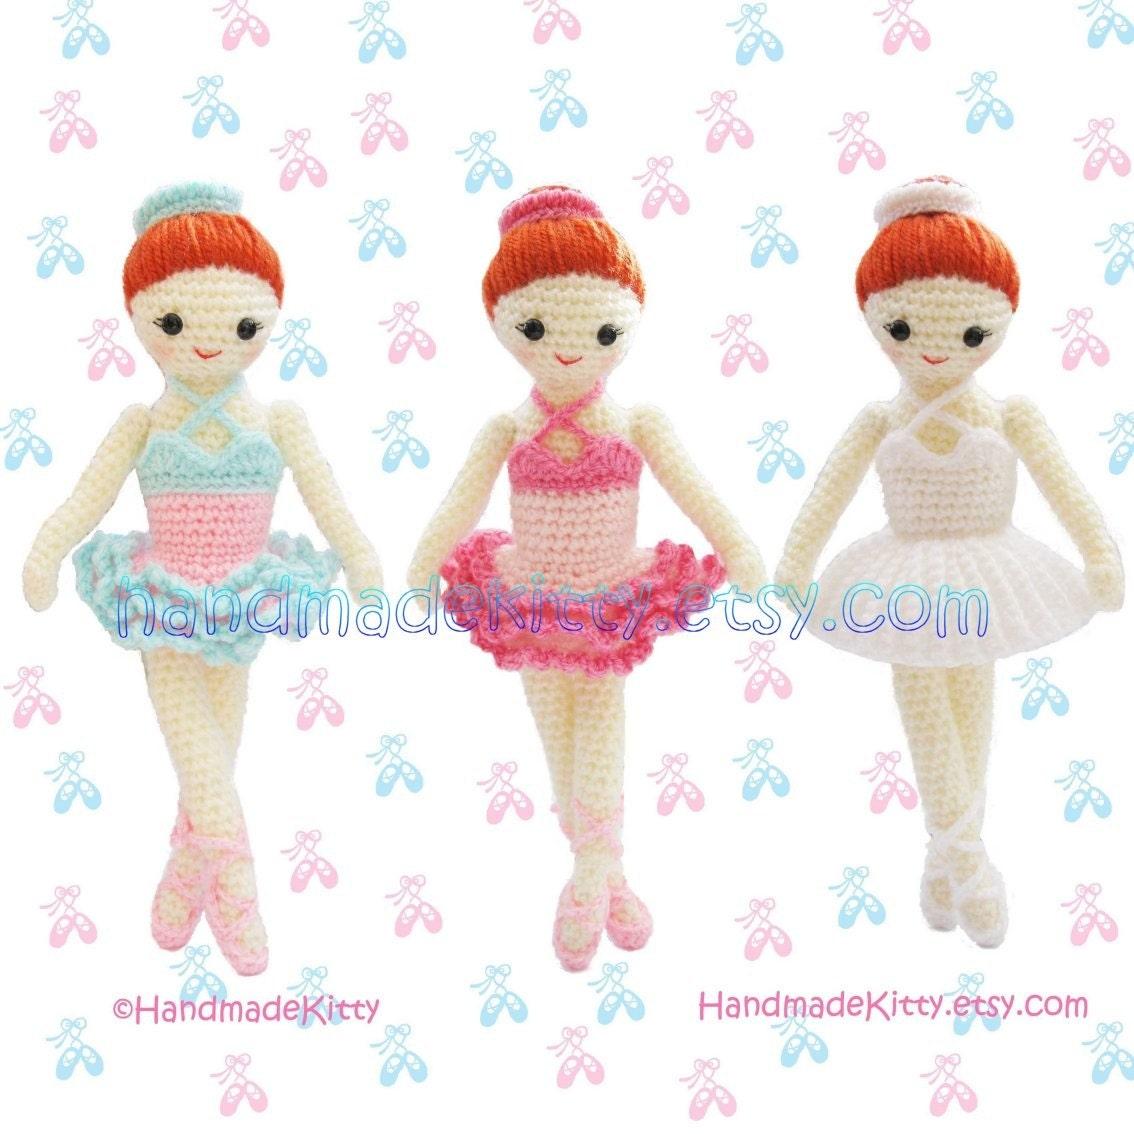 Amigurumi Ballerina Pattern : HandmadeKitty: Dress up Ballerina Girl Amigurumi Crochet ...